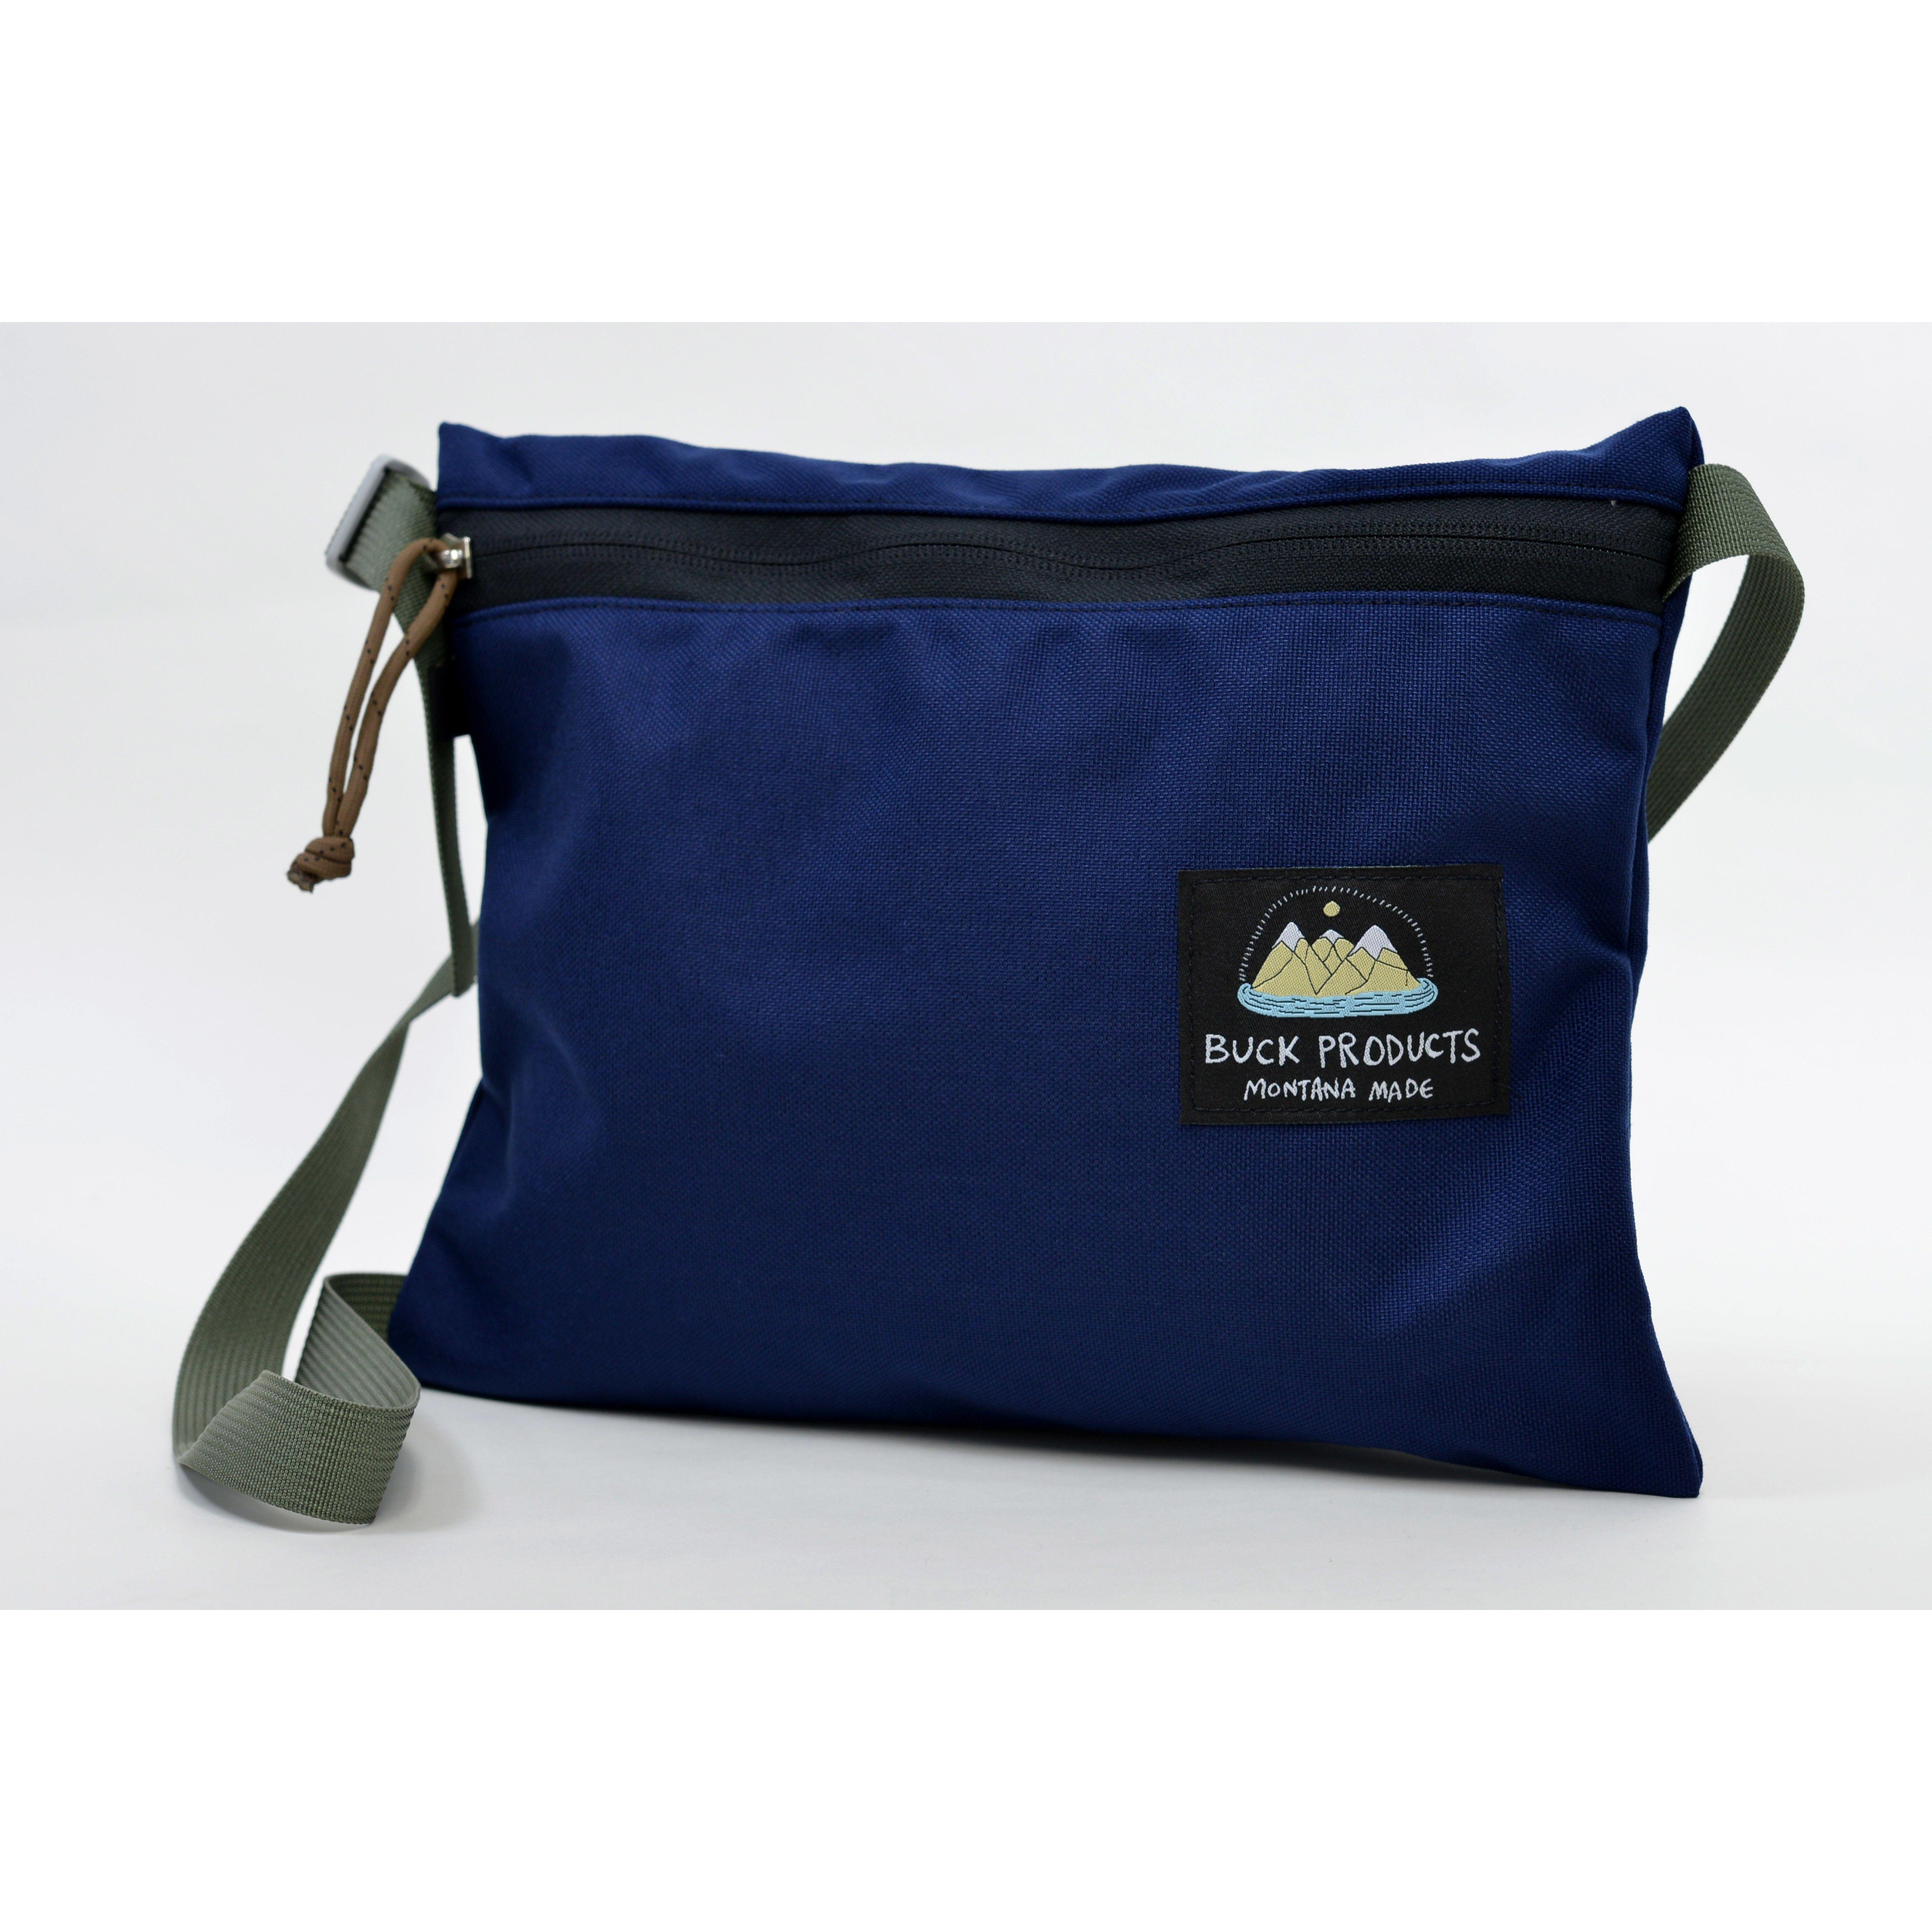 BUCK PRODUCTS Classic Musettes Bag クラシック ミュゼットバッグ サッコシュ ハンドメイド バックプロダクツ ボーズマン アウトドア ショルダーバッグ pcバッグ